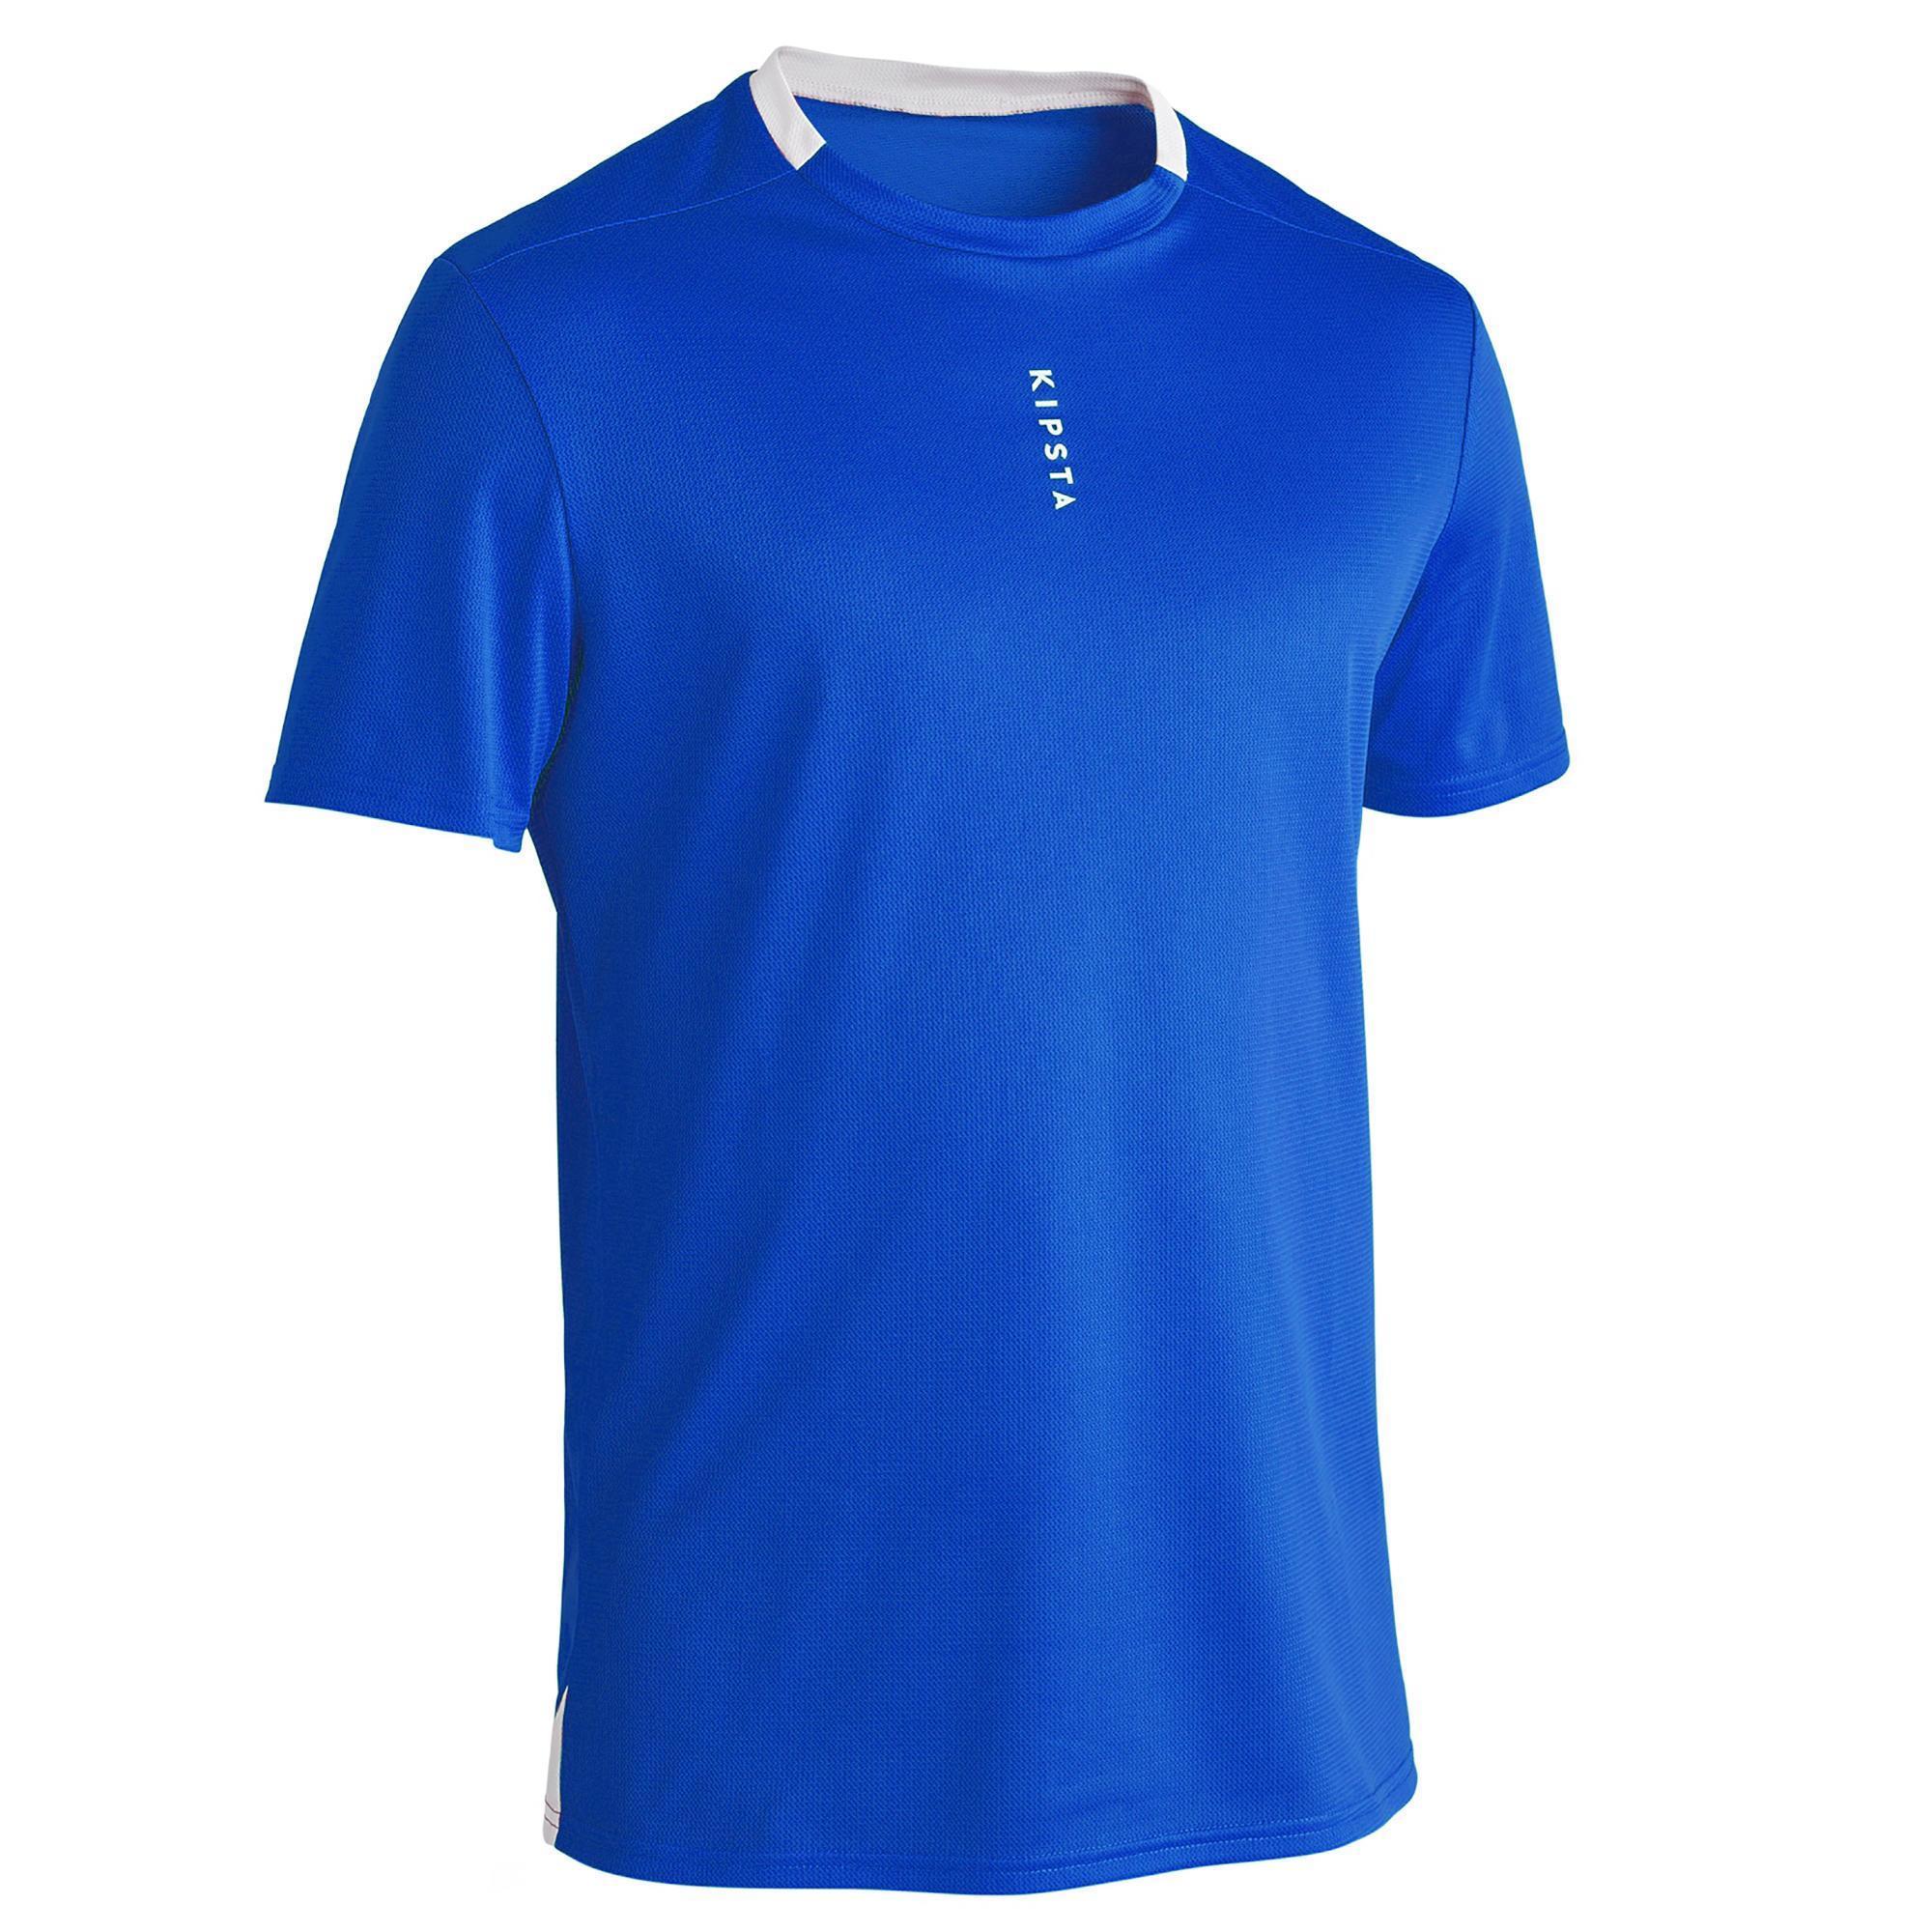 Comprar Camisetas de Fútbol para Adultos y Niños  fd458d551f940